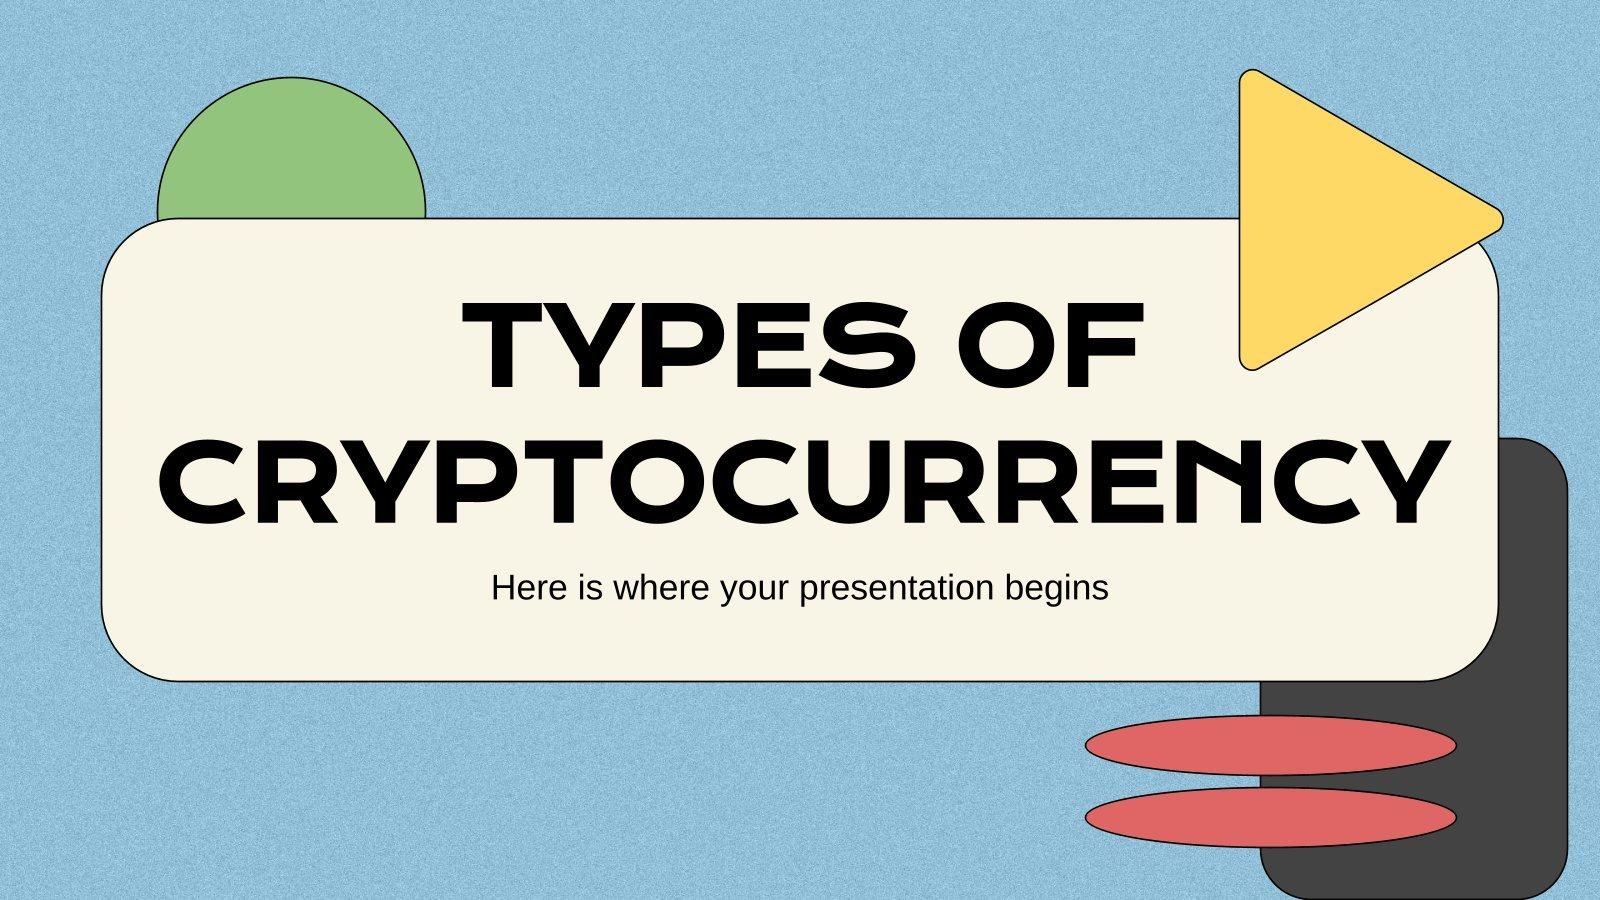 Types de cryptomonnaies : Modèles de présentation